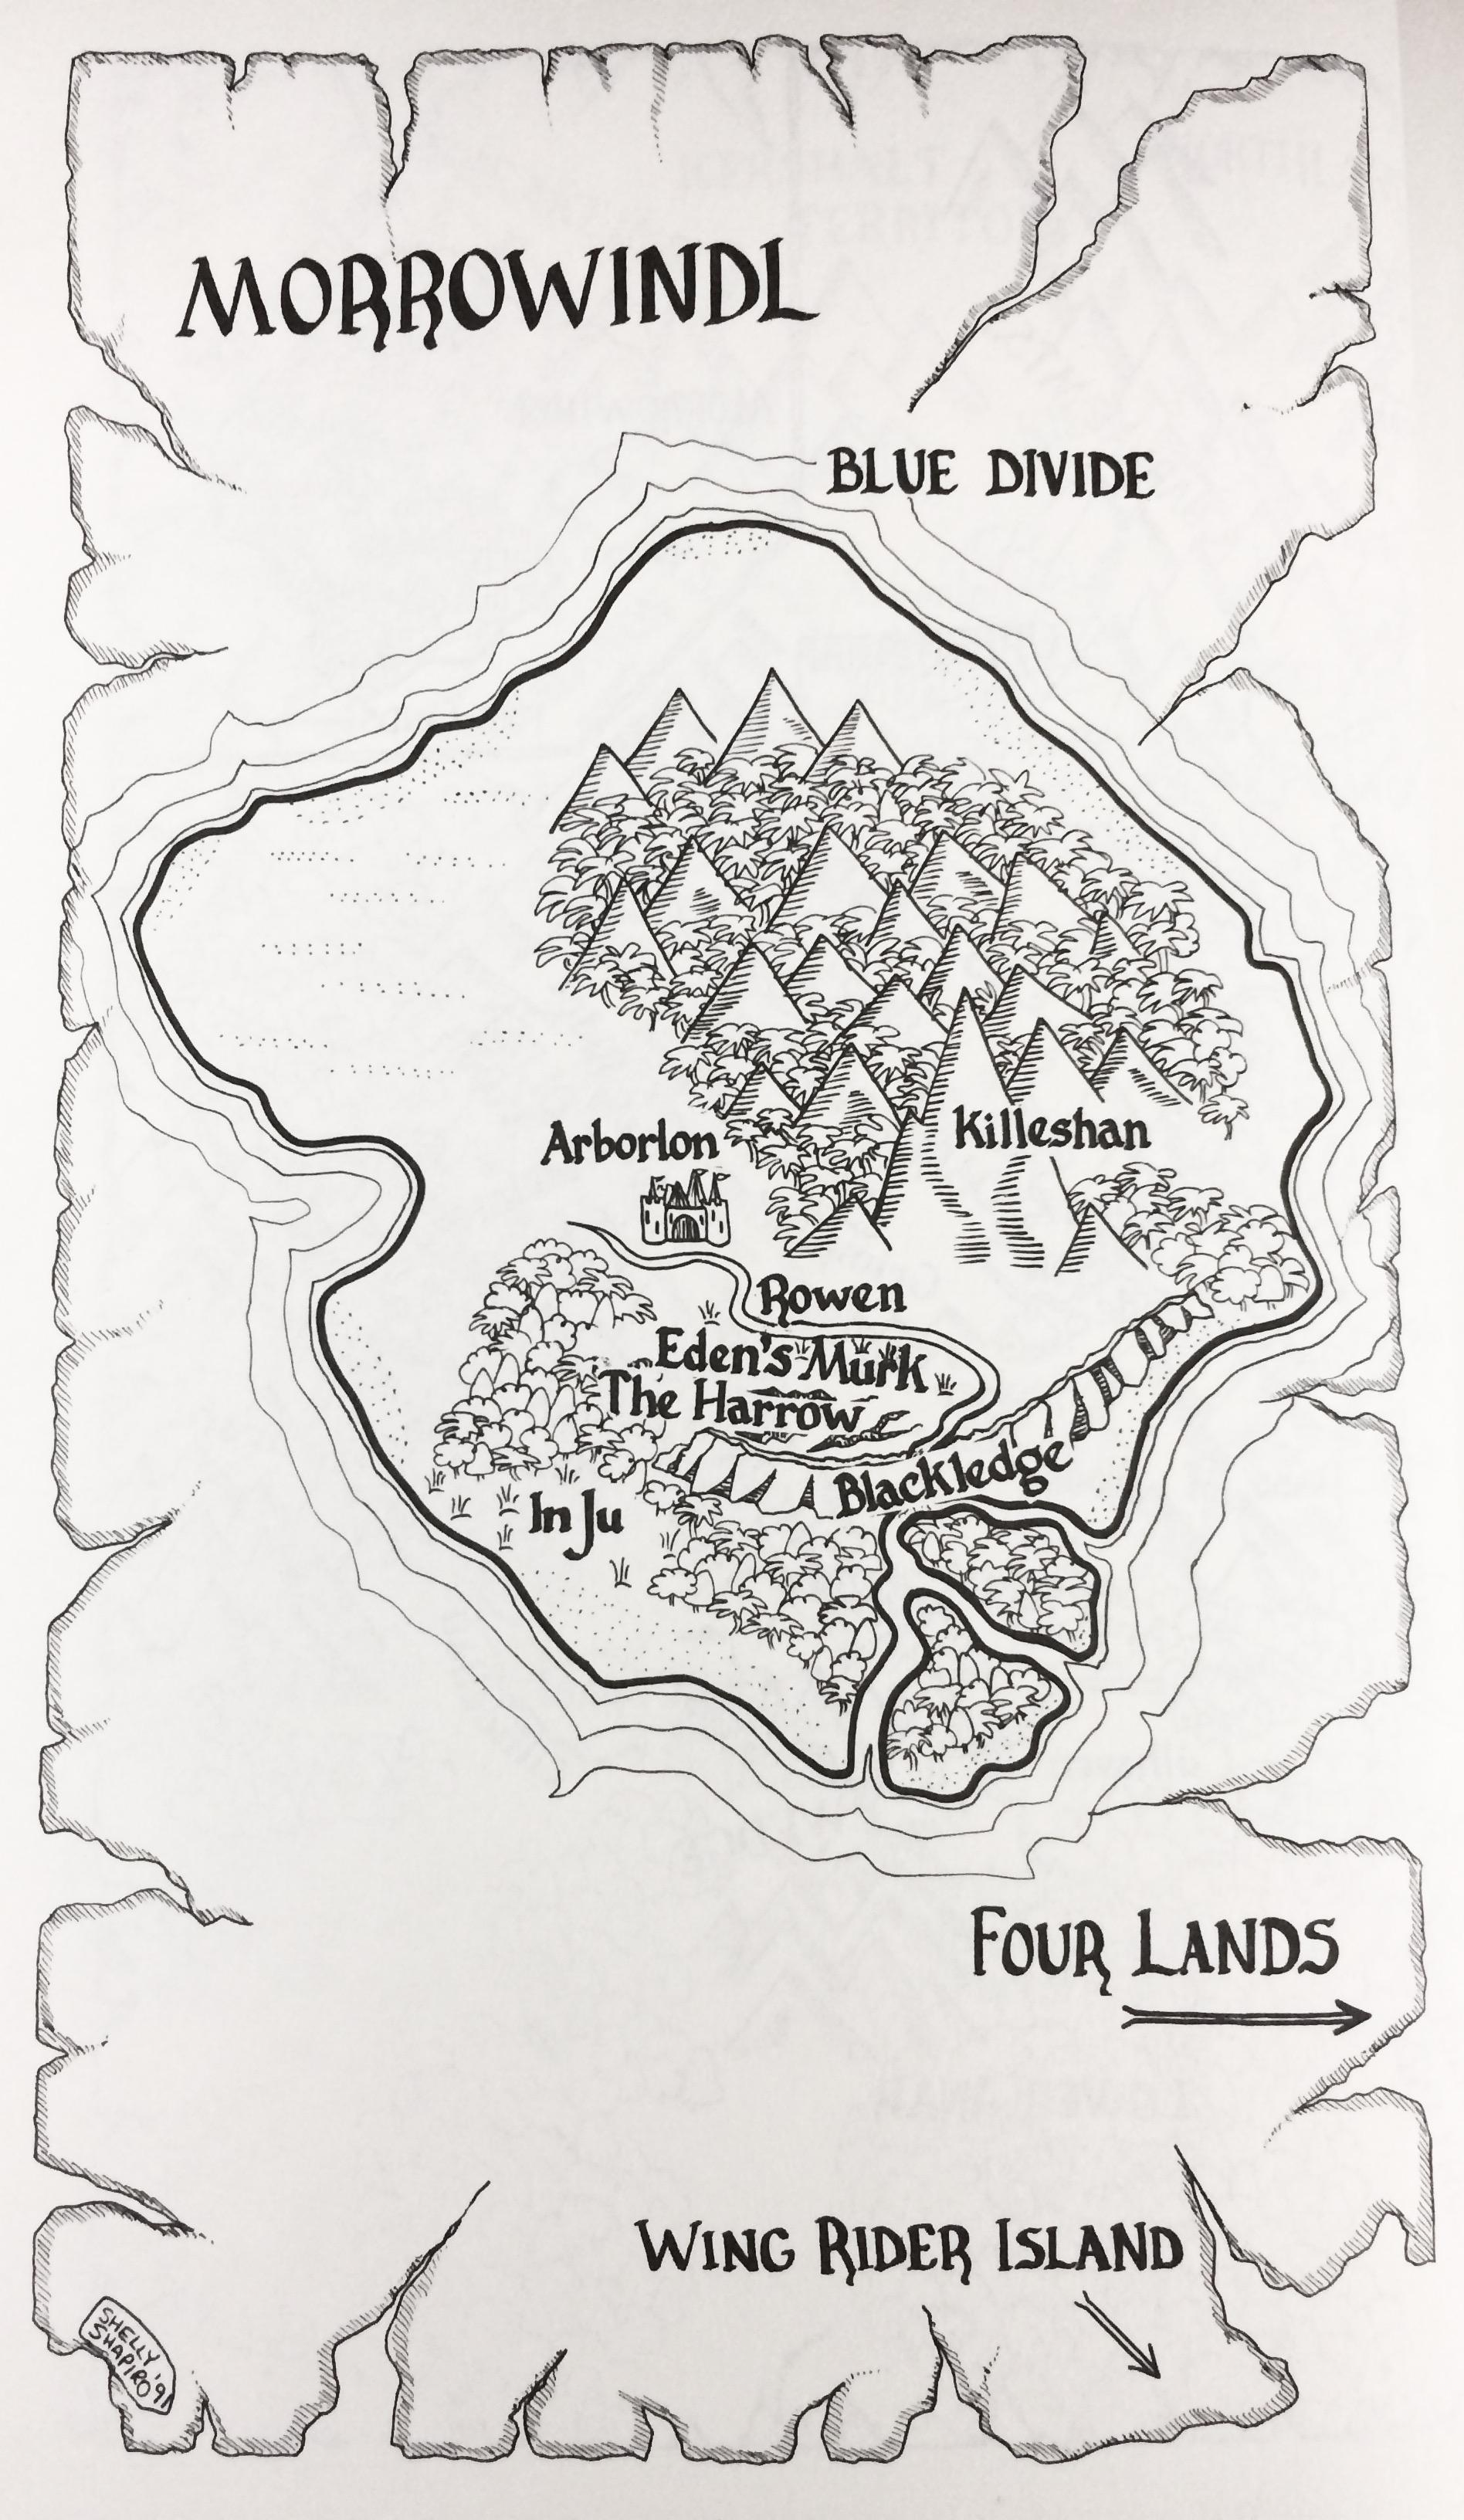 Morrowindl Shannara Wiki Exploring The Magical World Of Shannara